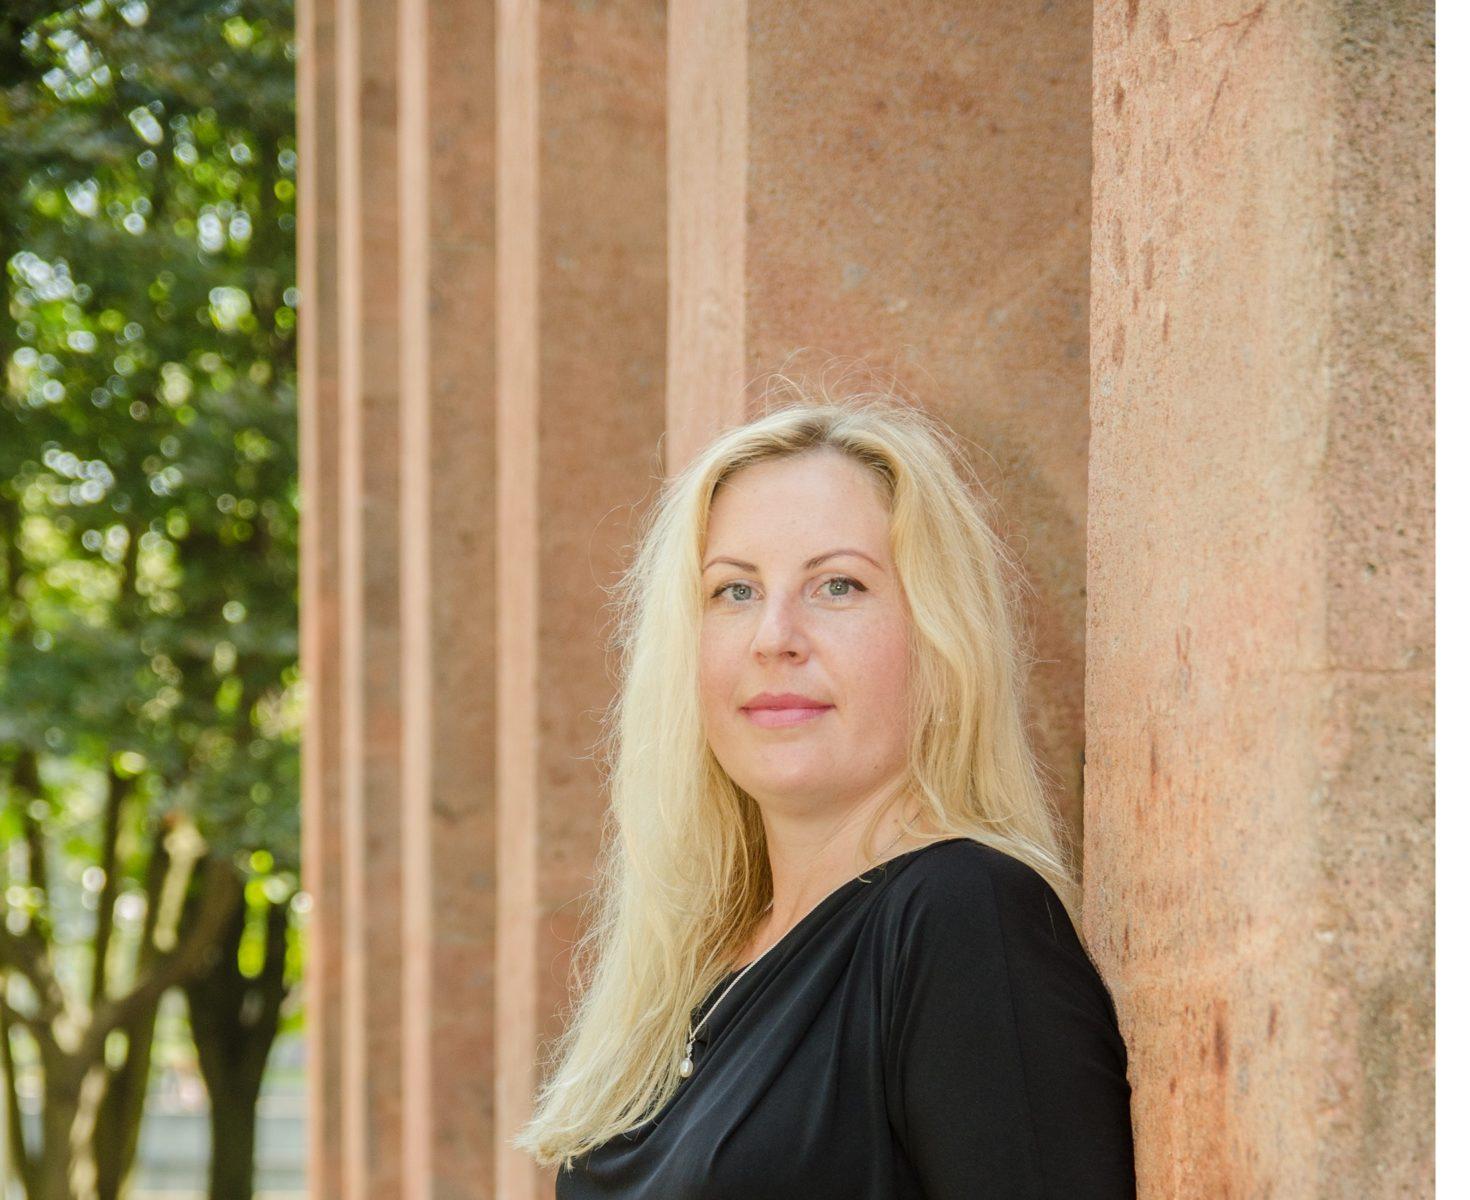 Концерт «Музыкальные диалоги осени» в музее-усадьбе «Остафьево» – события на сайте «Московские Сезоны»